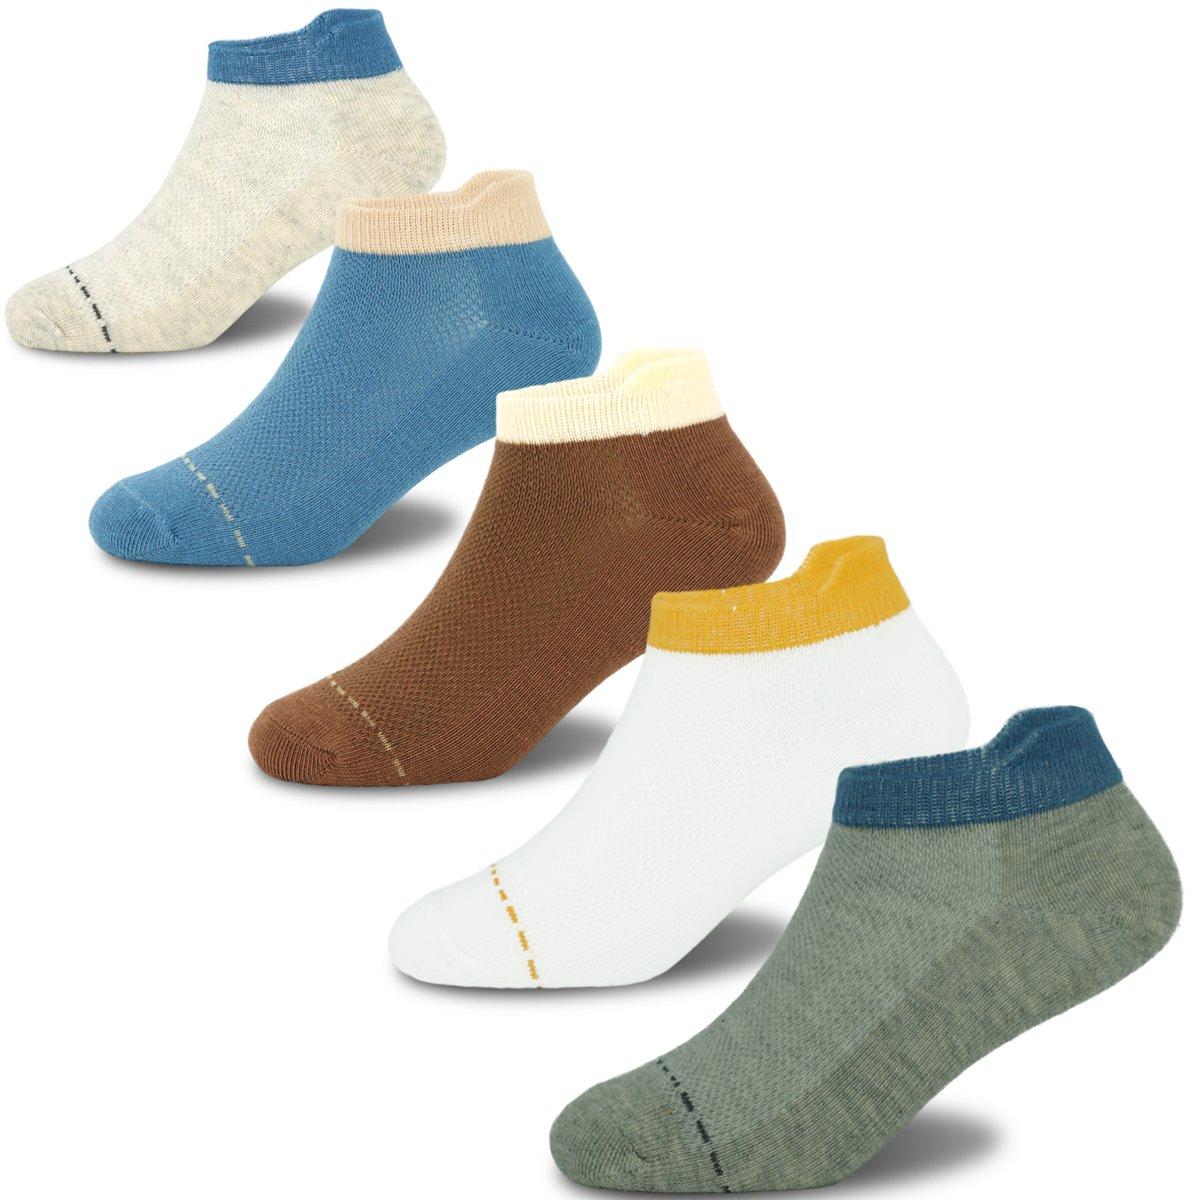 Boys Cotton Socks Kids Summer Breathable Short Socks 5 Pack 6-8 Years